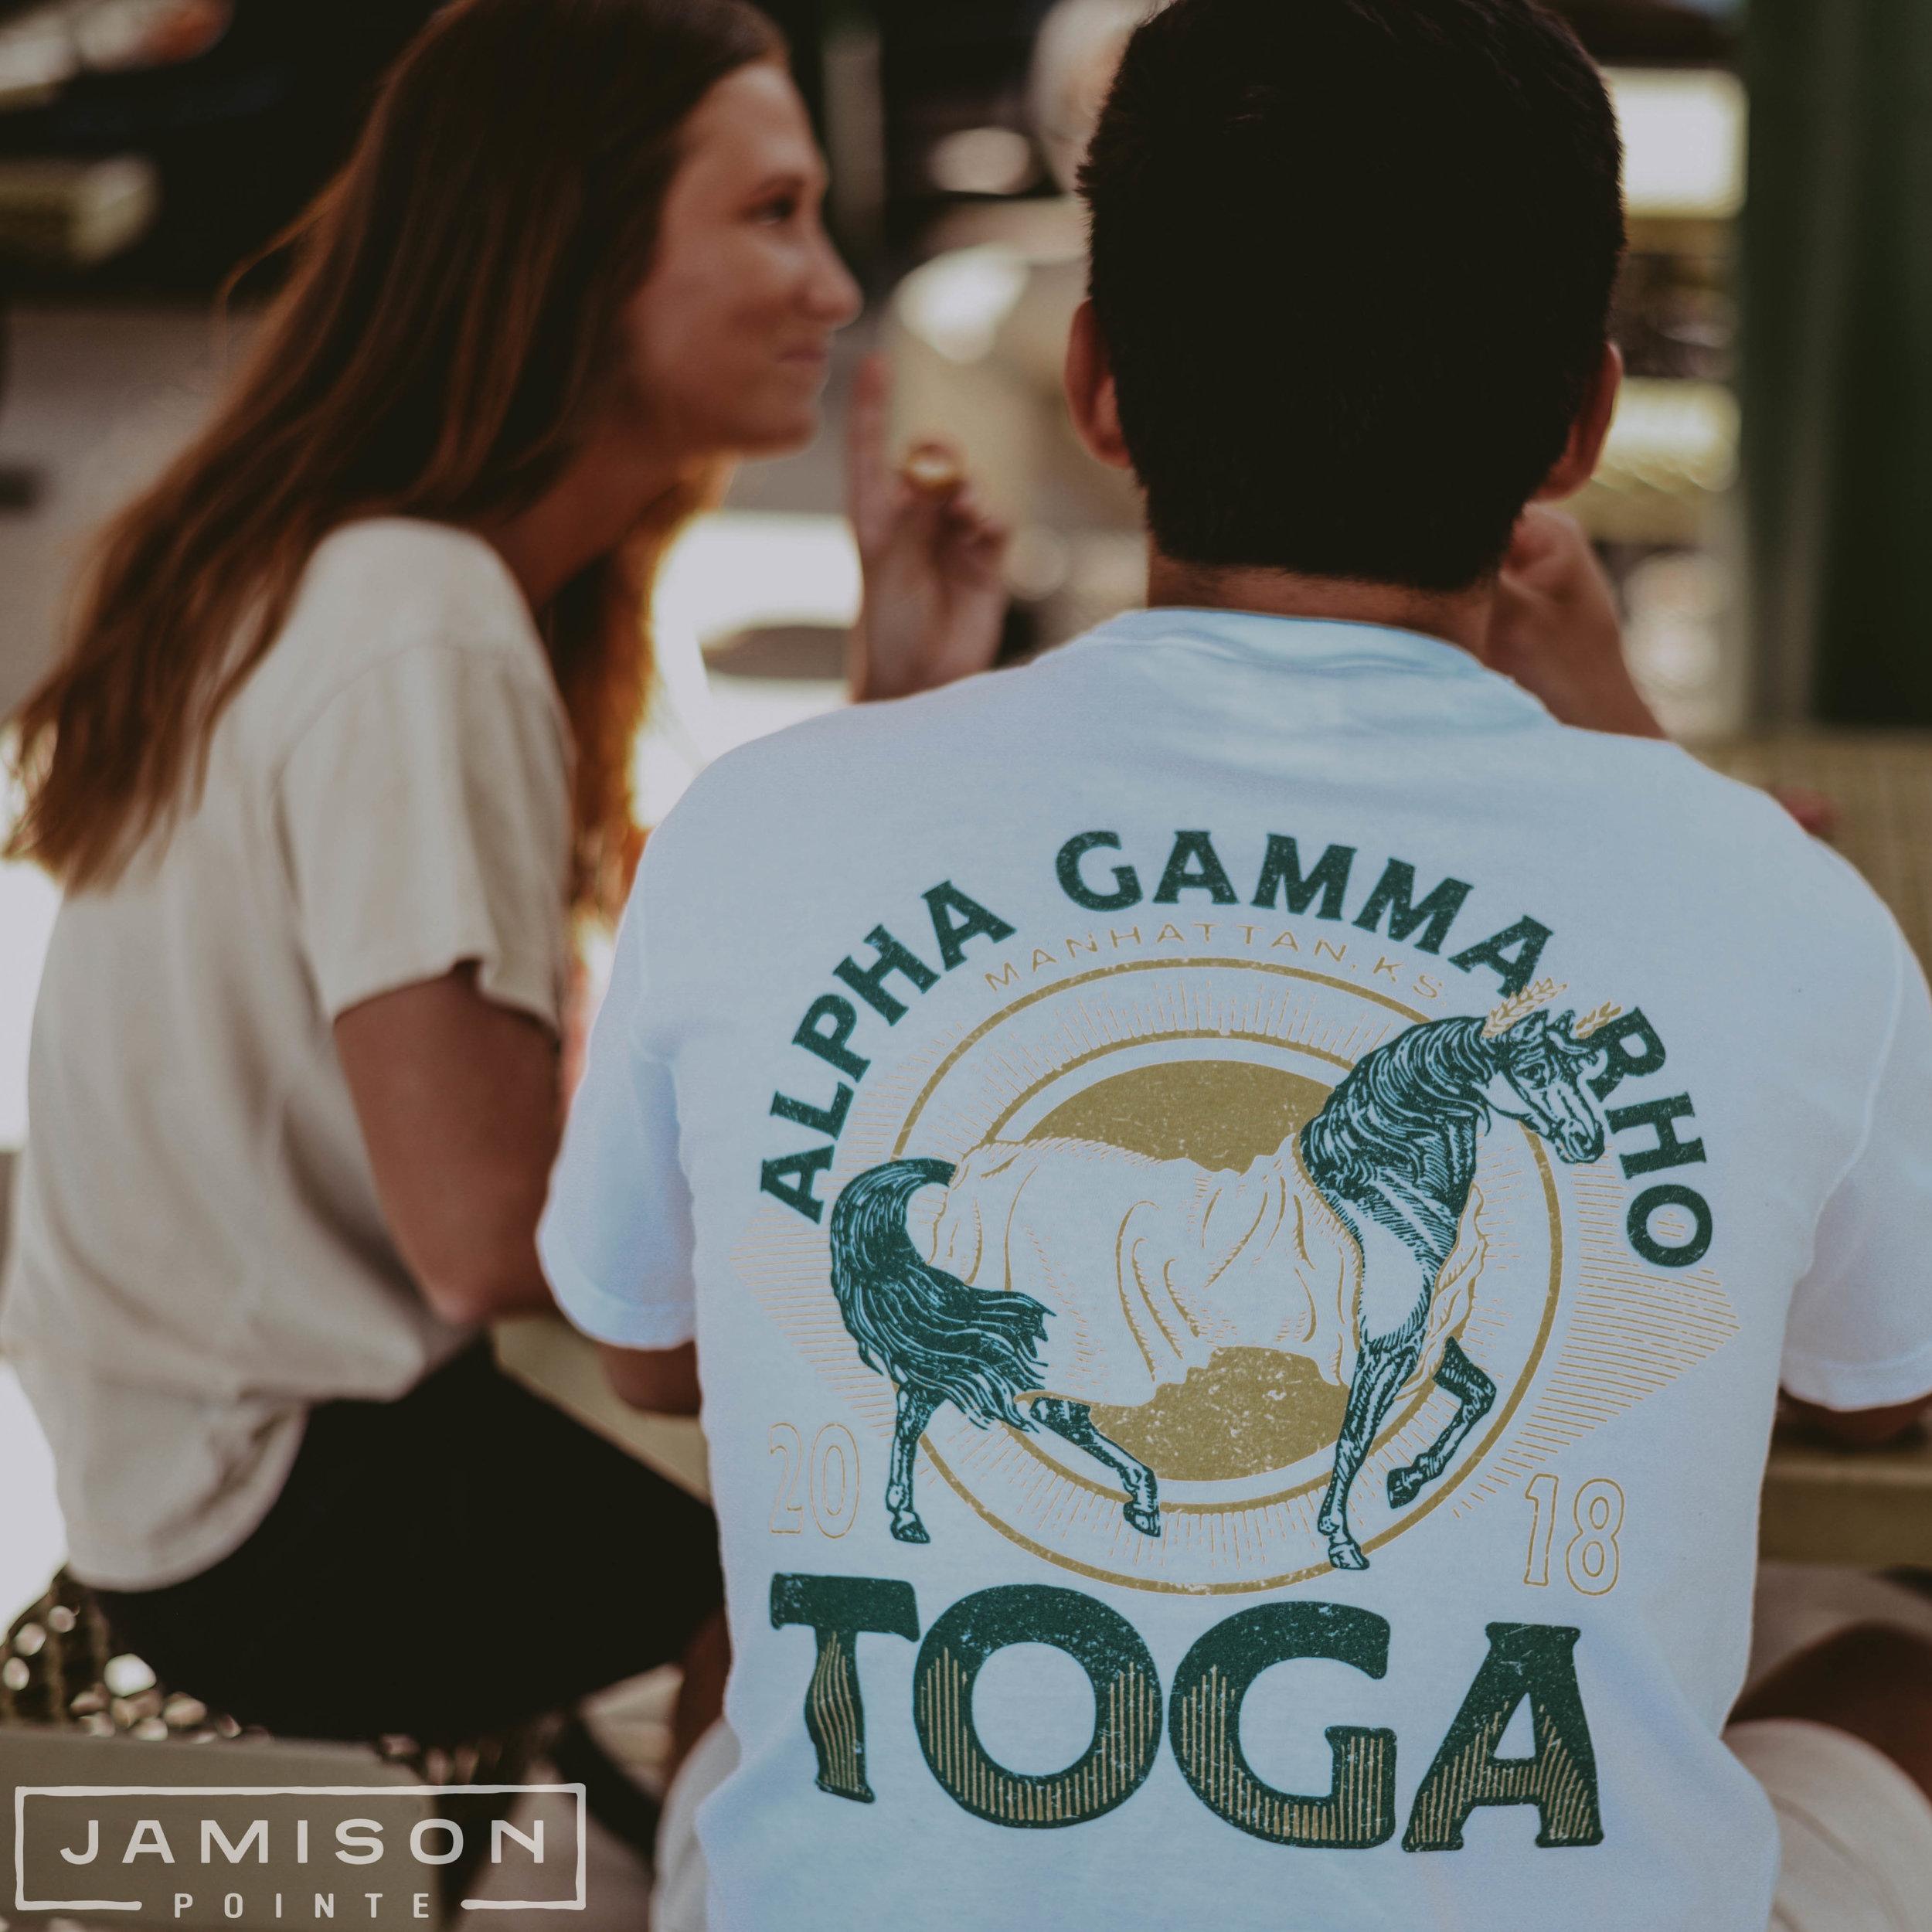 Alpha Gamma Rho Toga Function Tee